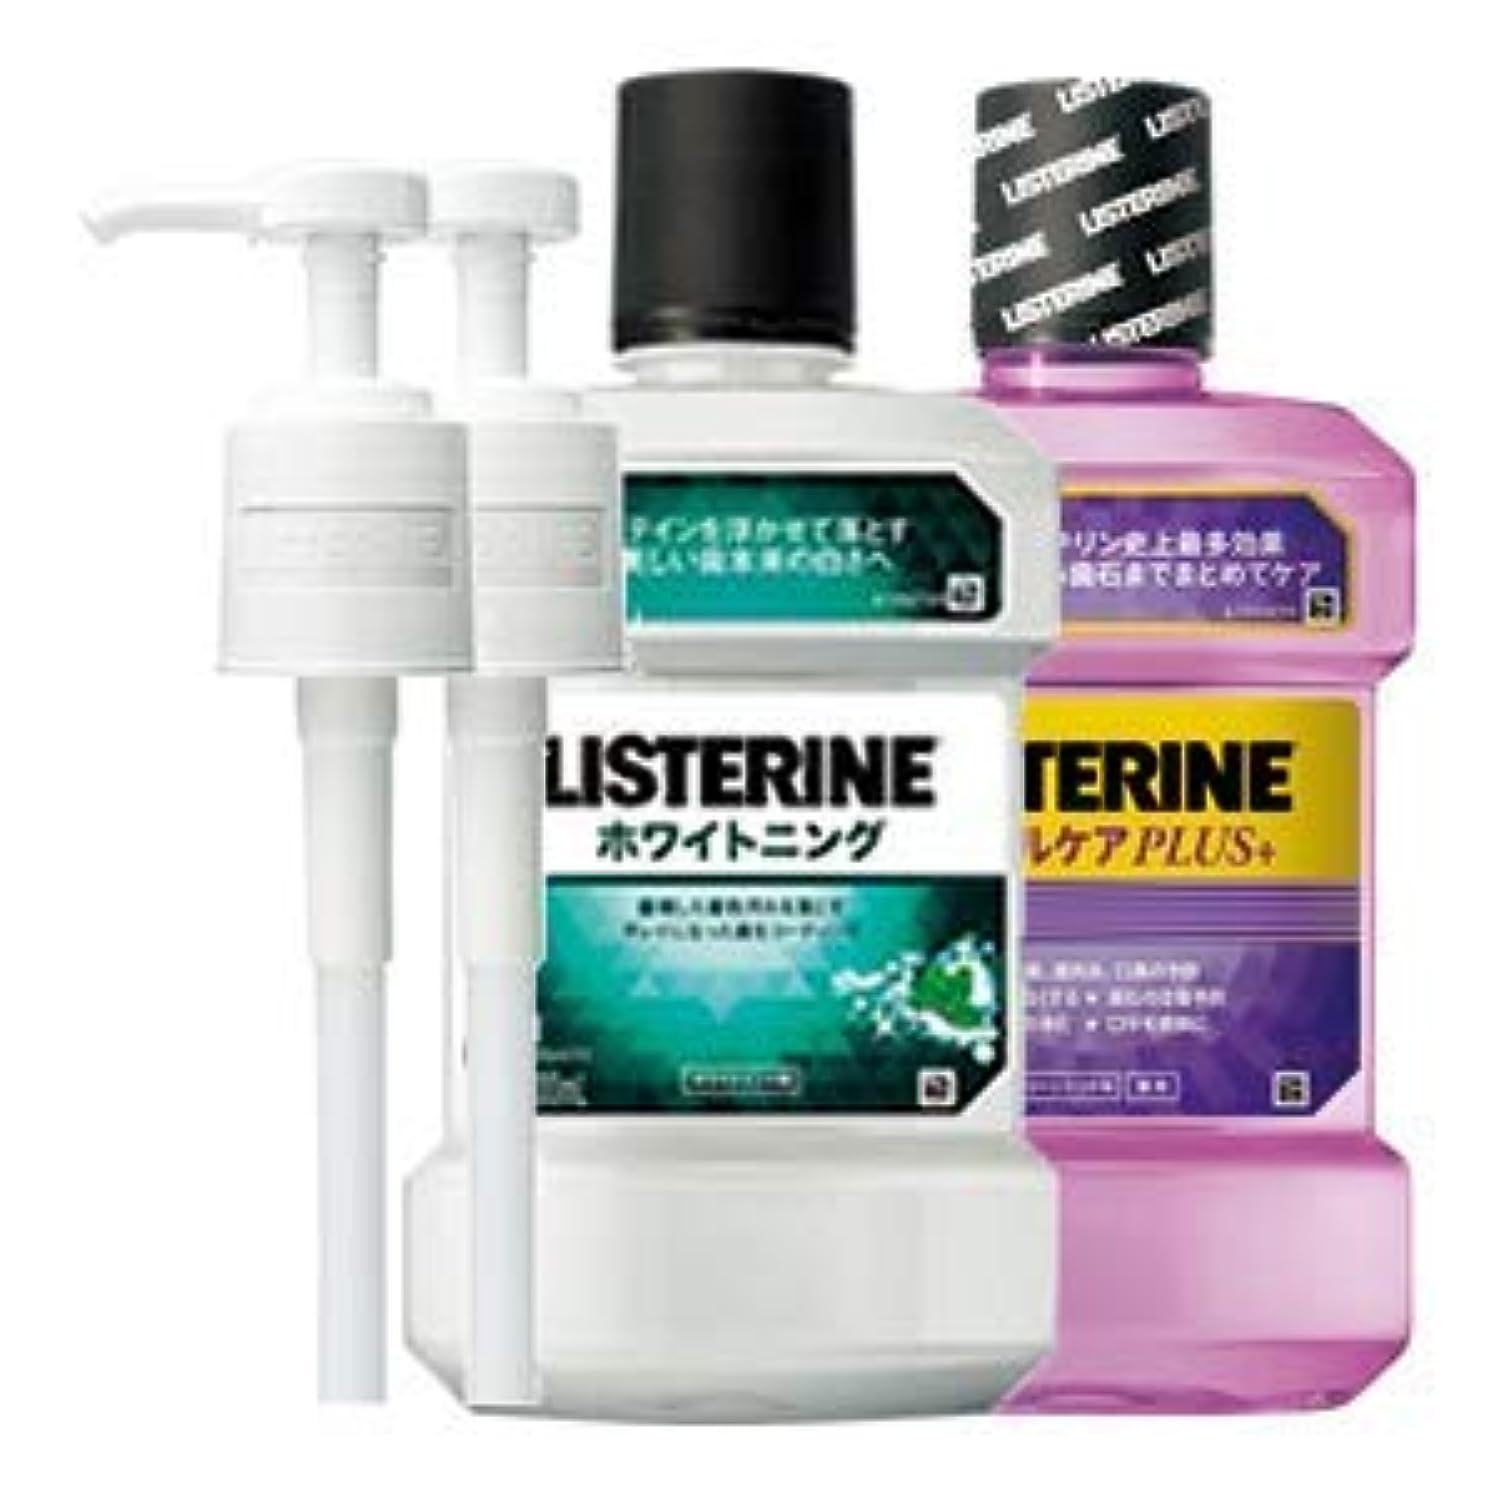 悩みペインギリックアラーム薬用 リステリン ホワイトニング トータルケアプラス 1000mL 2点セット (ポンプ付)